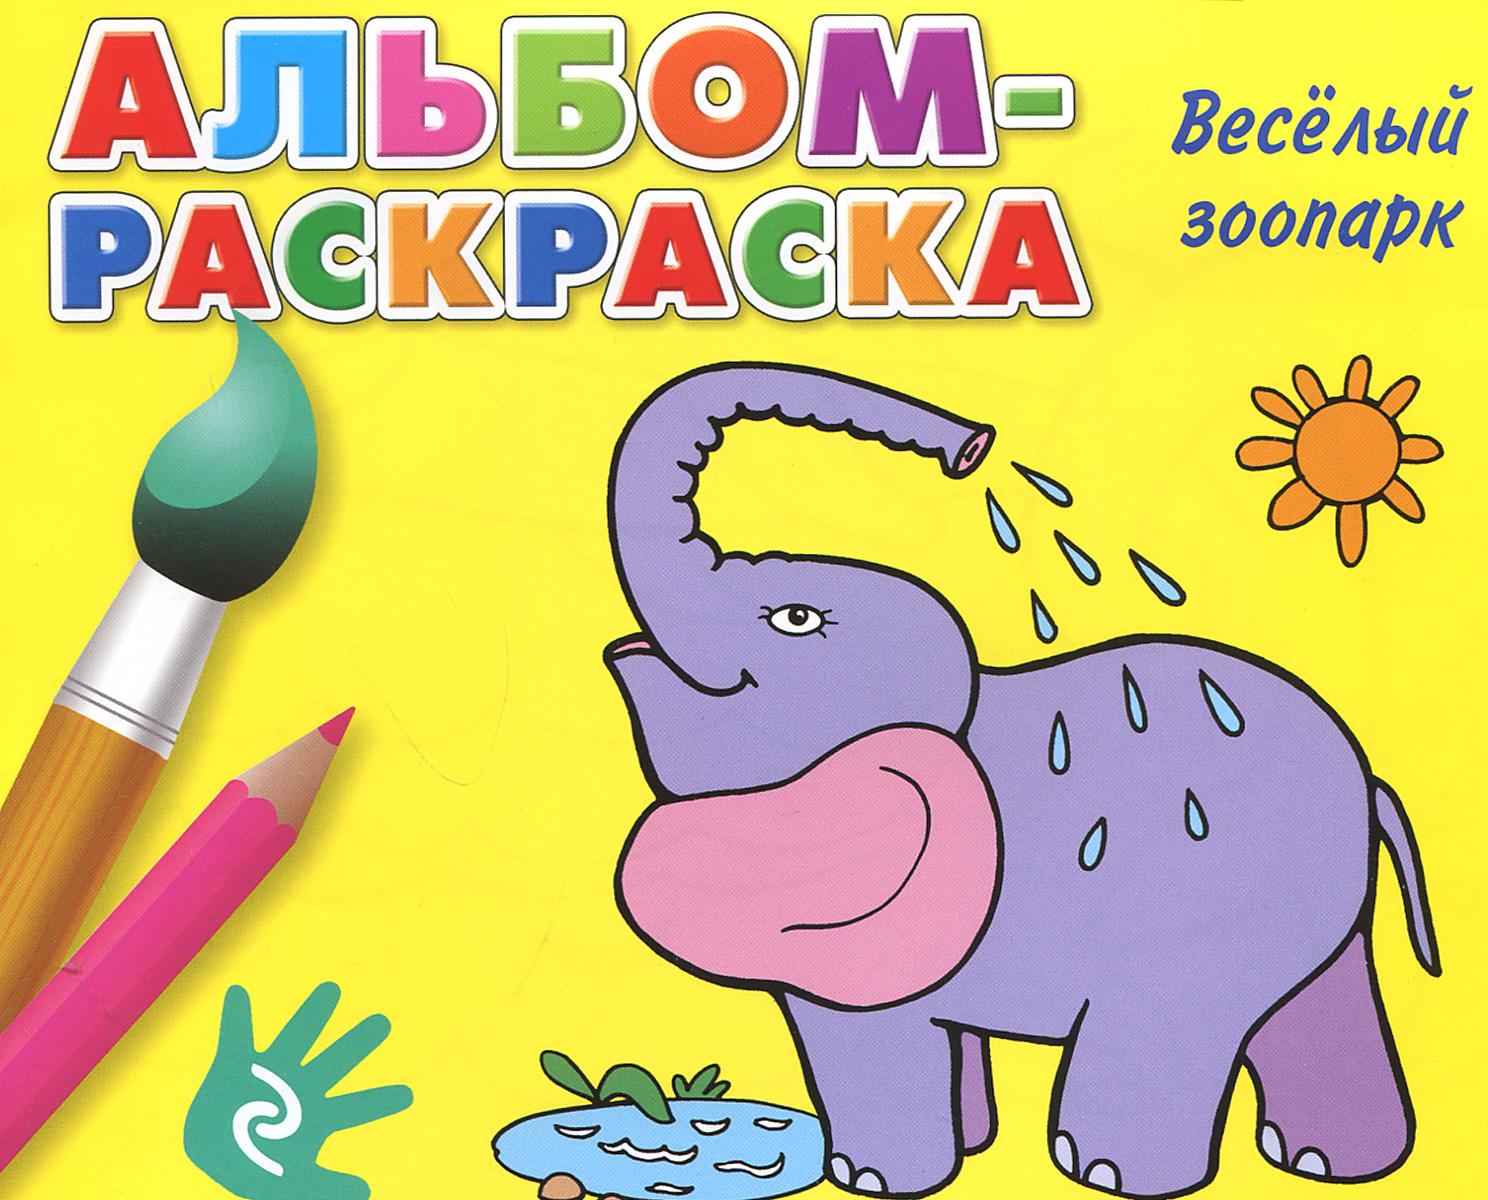 Веселый зоопарк. Альбом-раскраска12296407Ведущие российские психологи рекомендуют для раскрасок именно альбомный формат - Он способствует лучшей концентрации малыша на процессе раскрашивания. Раскраски подходят даже самым маленьким детям, с их помощью они разовьют не только мелкую моторику, но и желание заниматься и развиваться. Специально подобранные лаконичные иллюстрации можно раскрашивать не только кисточкой, цветными карандашами и фломастерами, но даже пальчиками.